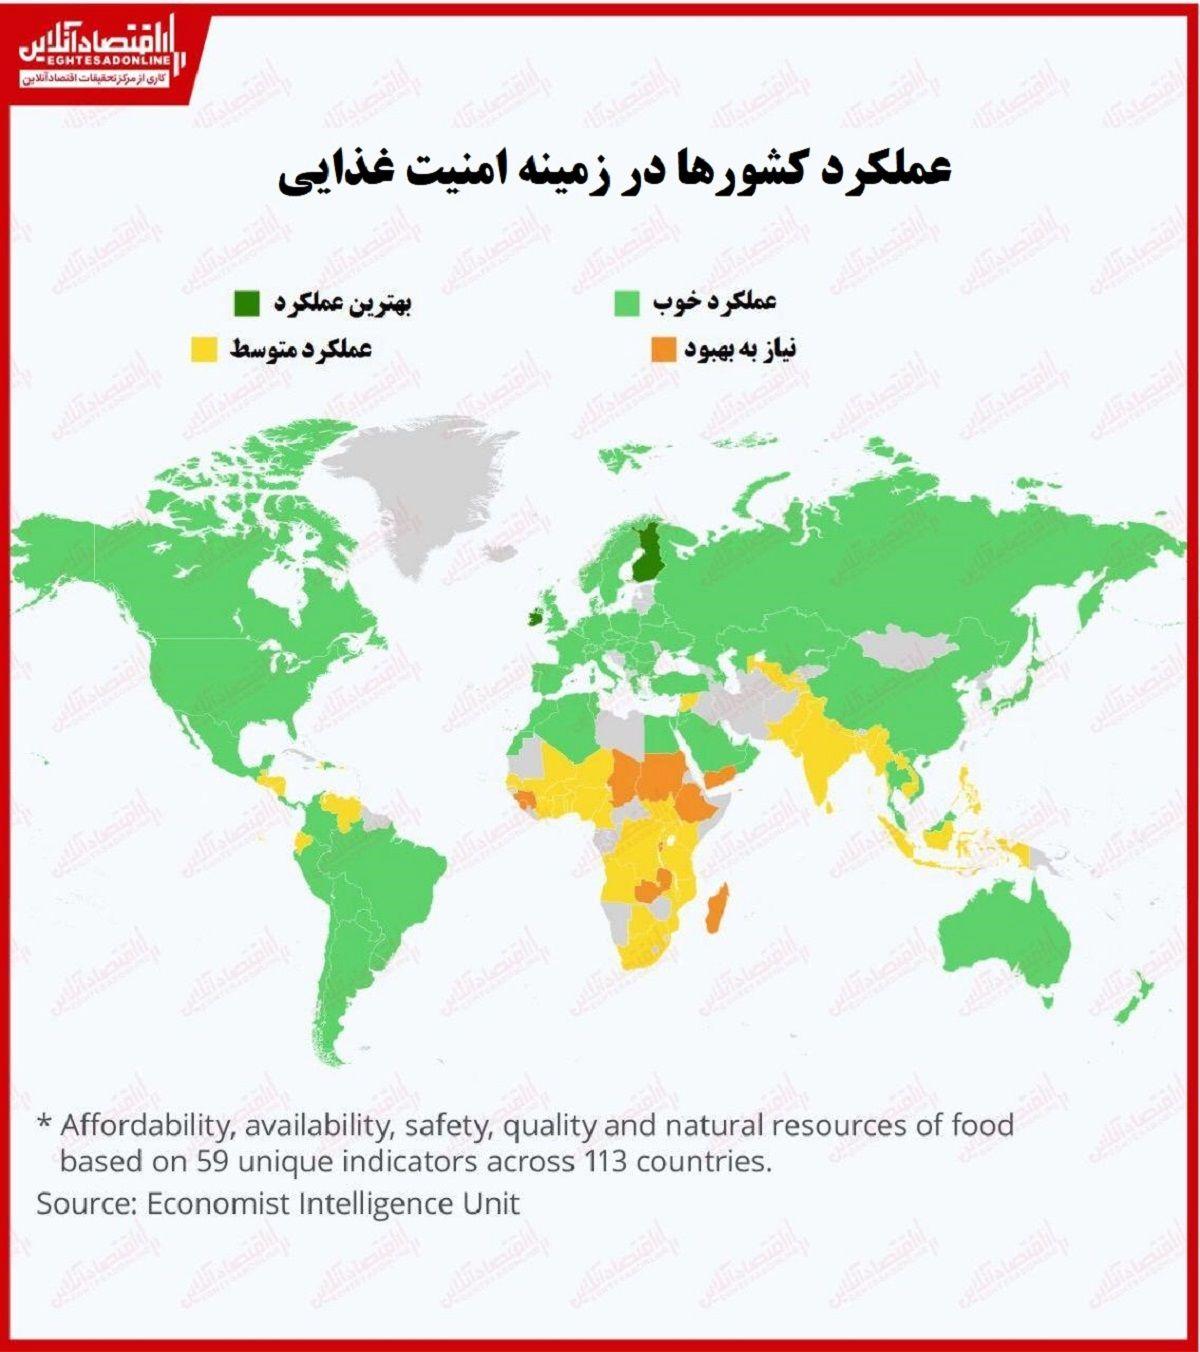 امنیت غذایی در کدام کشورها بالاتر است؟/ رنج قشر آسیبپذیر از تاثیر ویروس کرونا بر تامین مواد غذایی